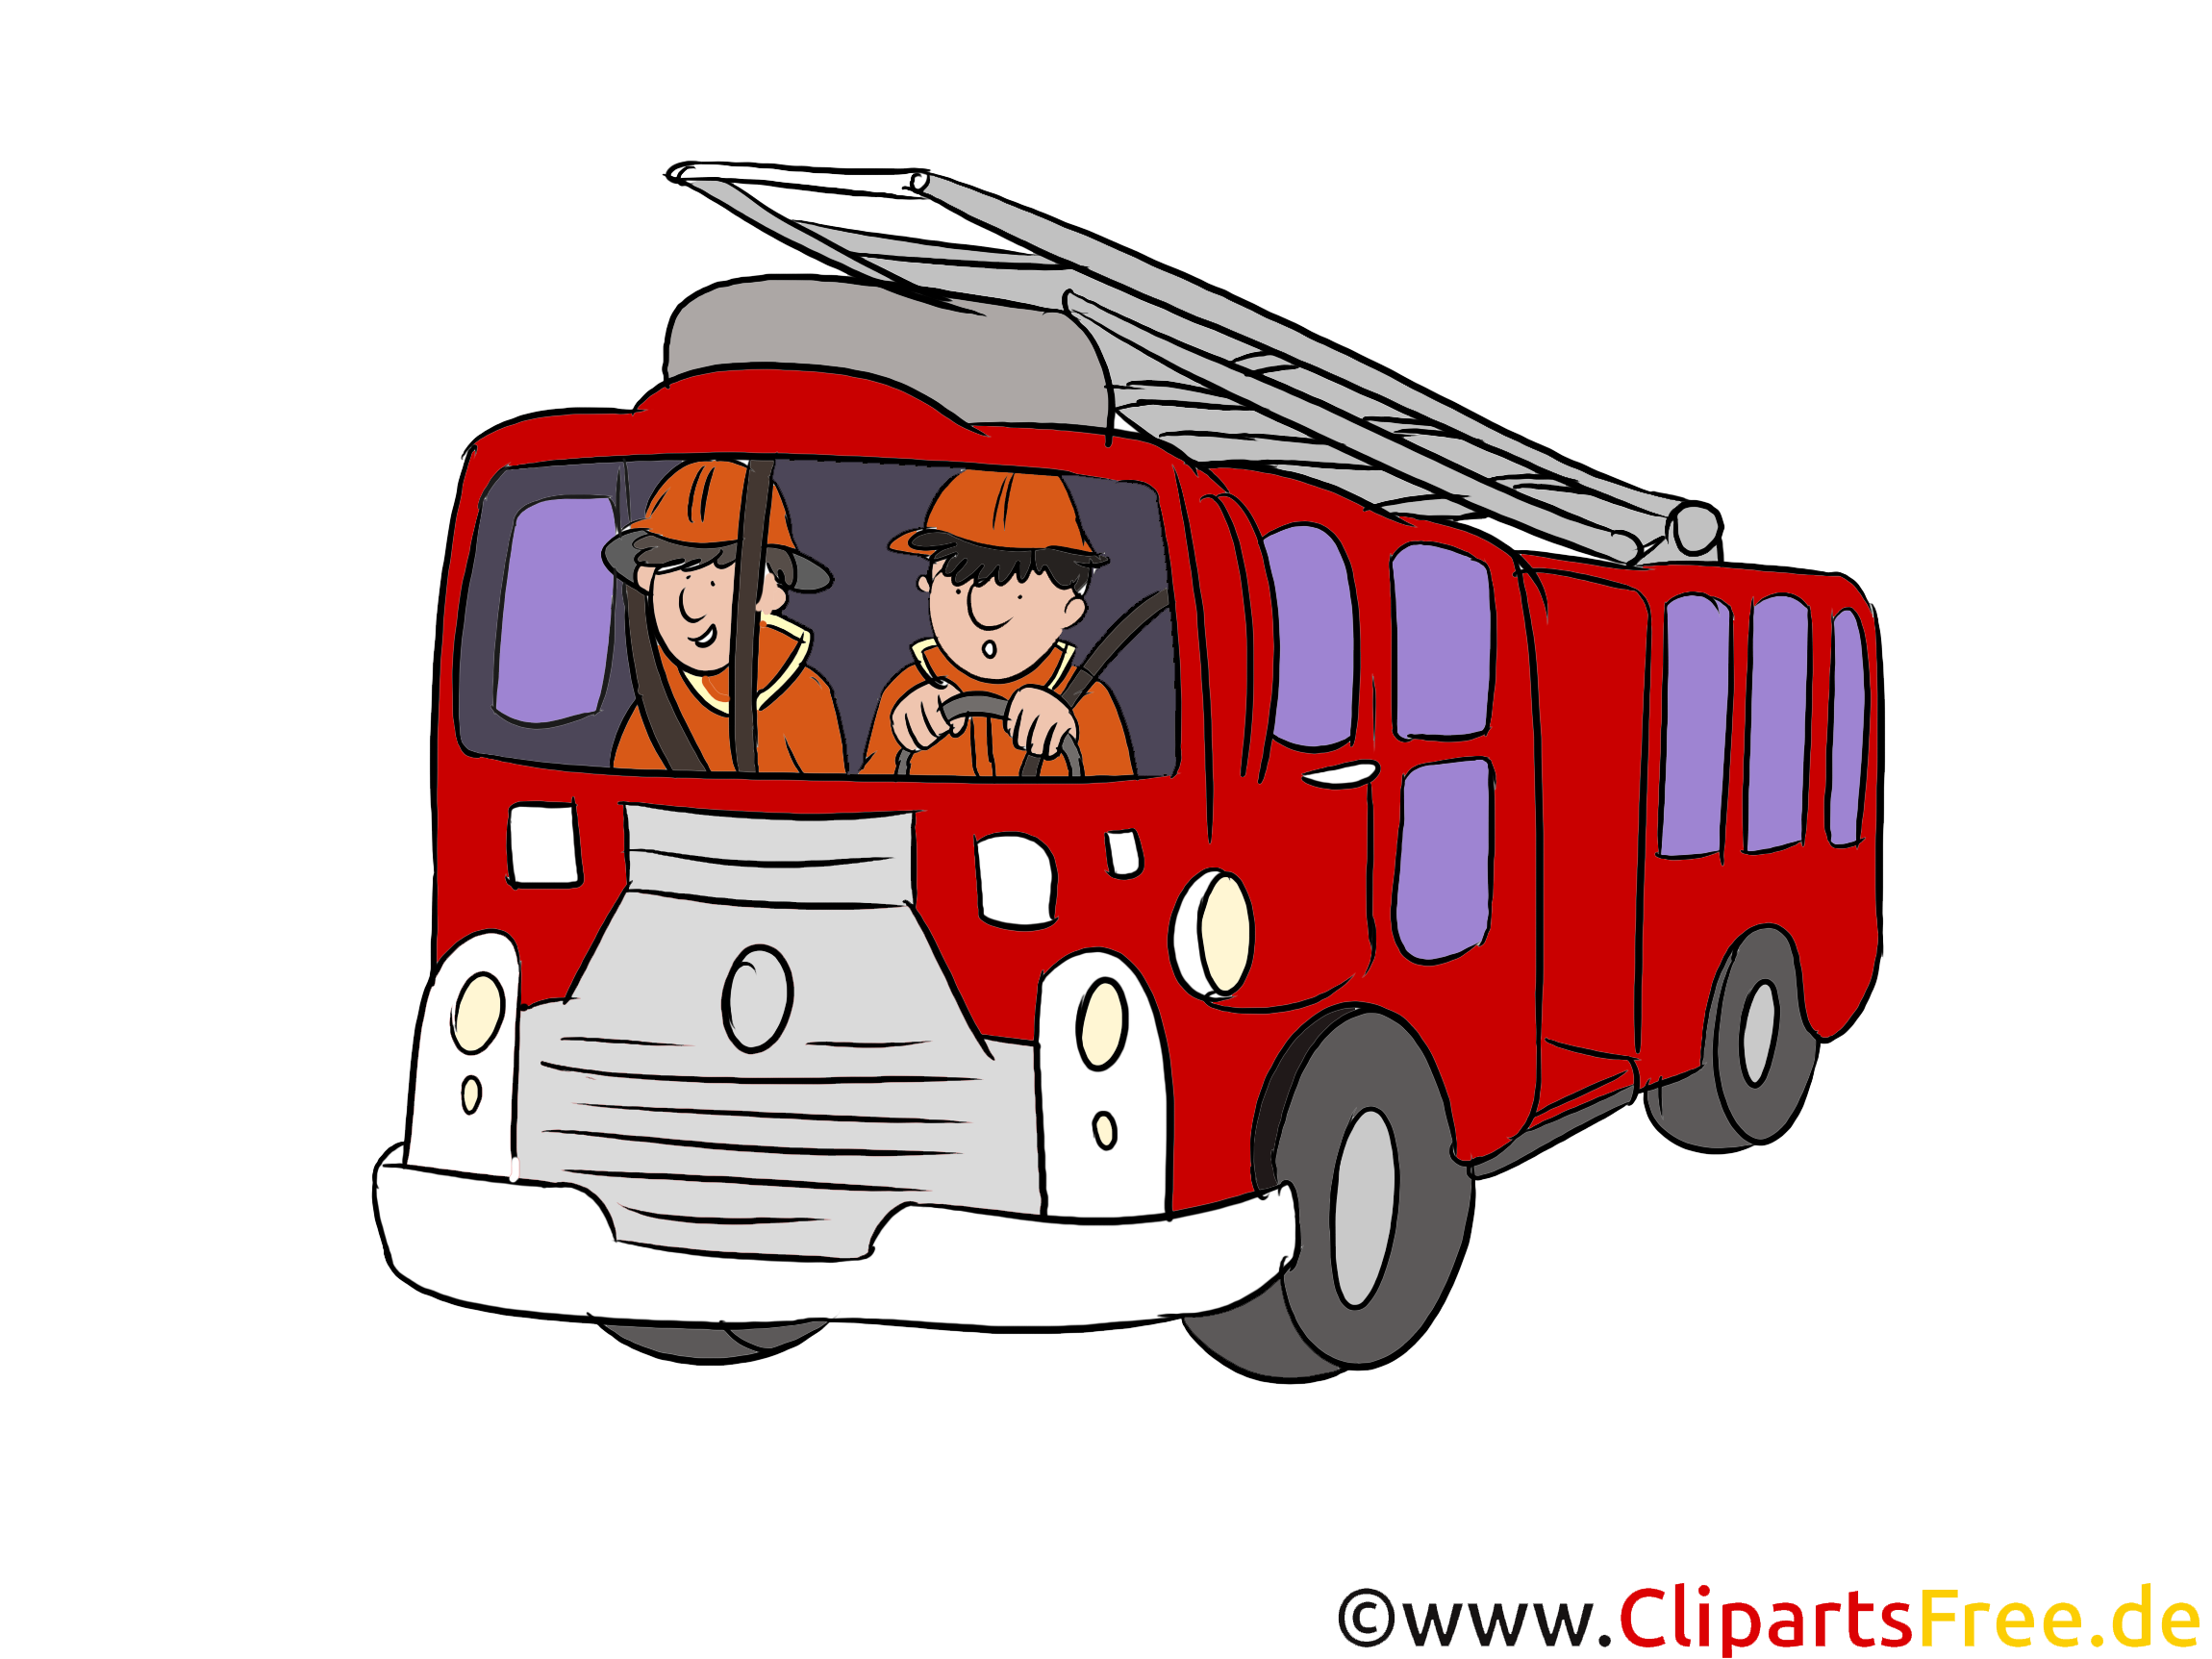 İtfaiye acil servis aracı illüstrasyon, küçük resim, resim.